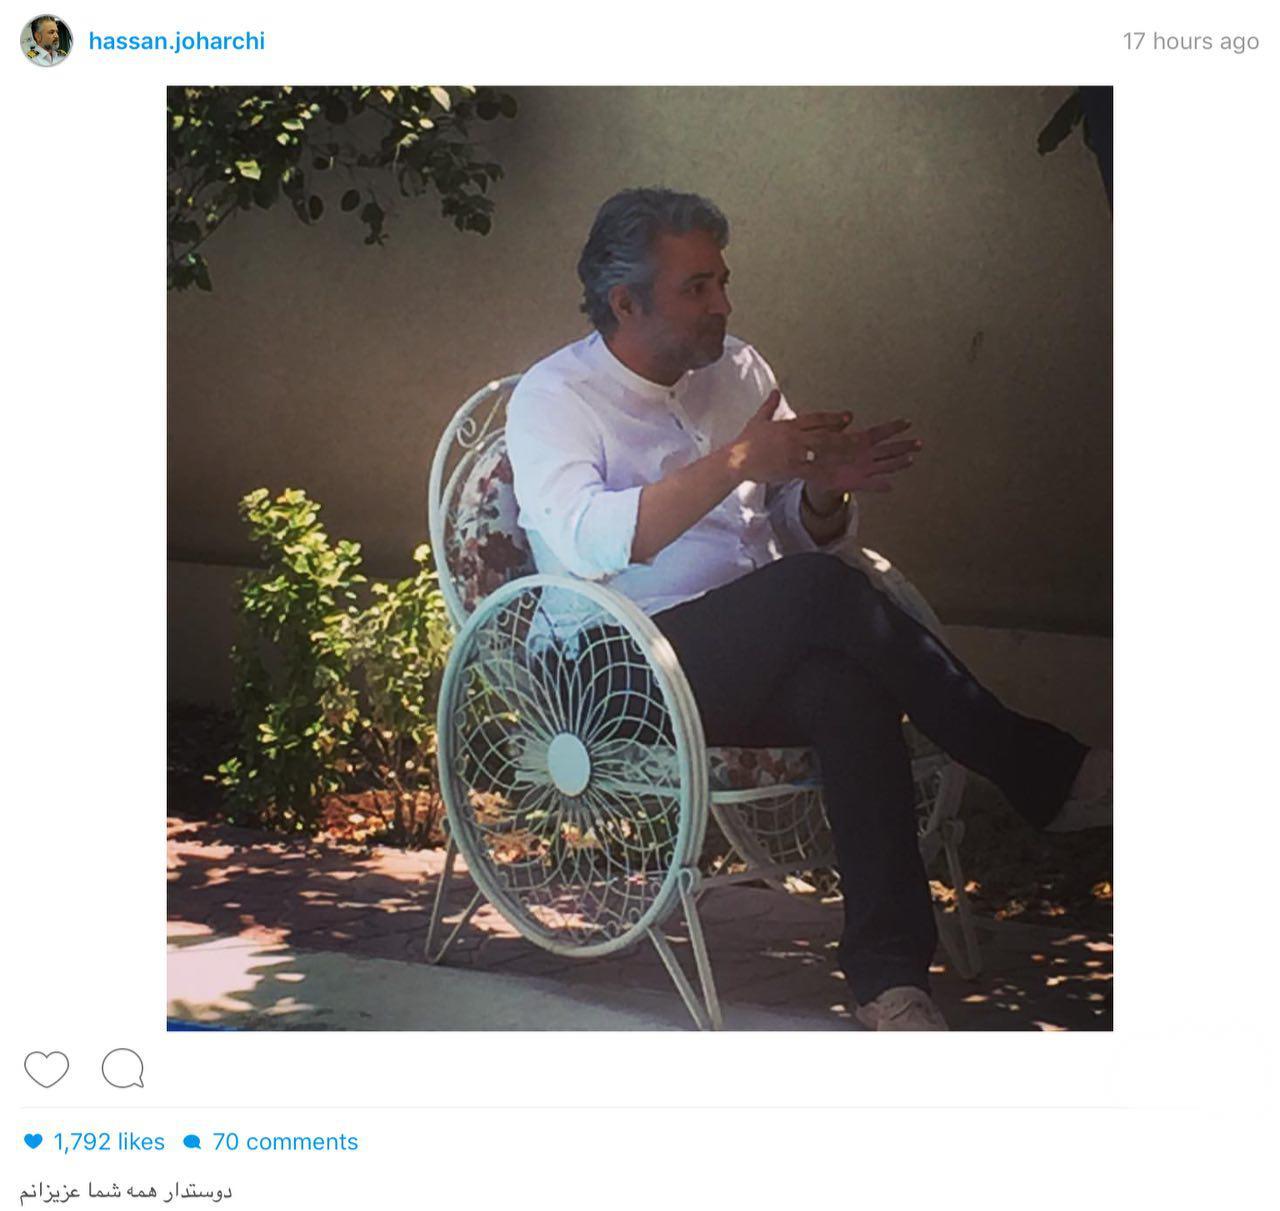 آخرین عکس حسن جوهرچی که در اینستاگرام منتشر کرد